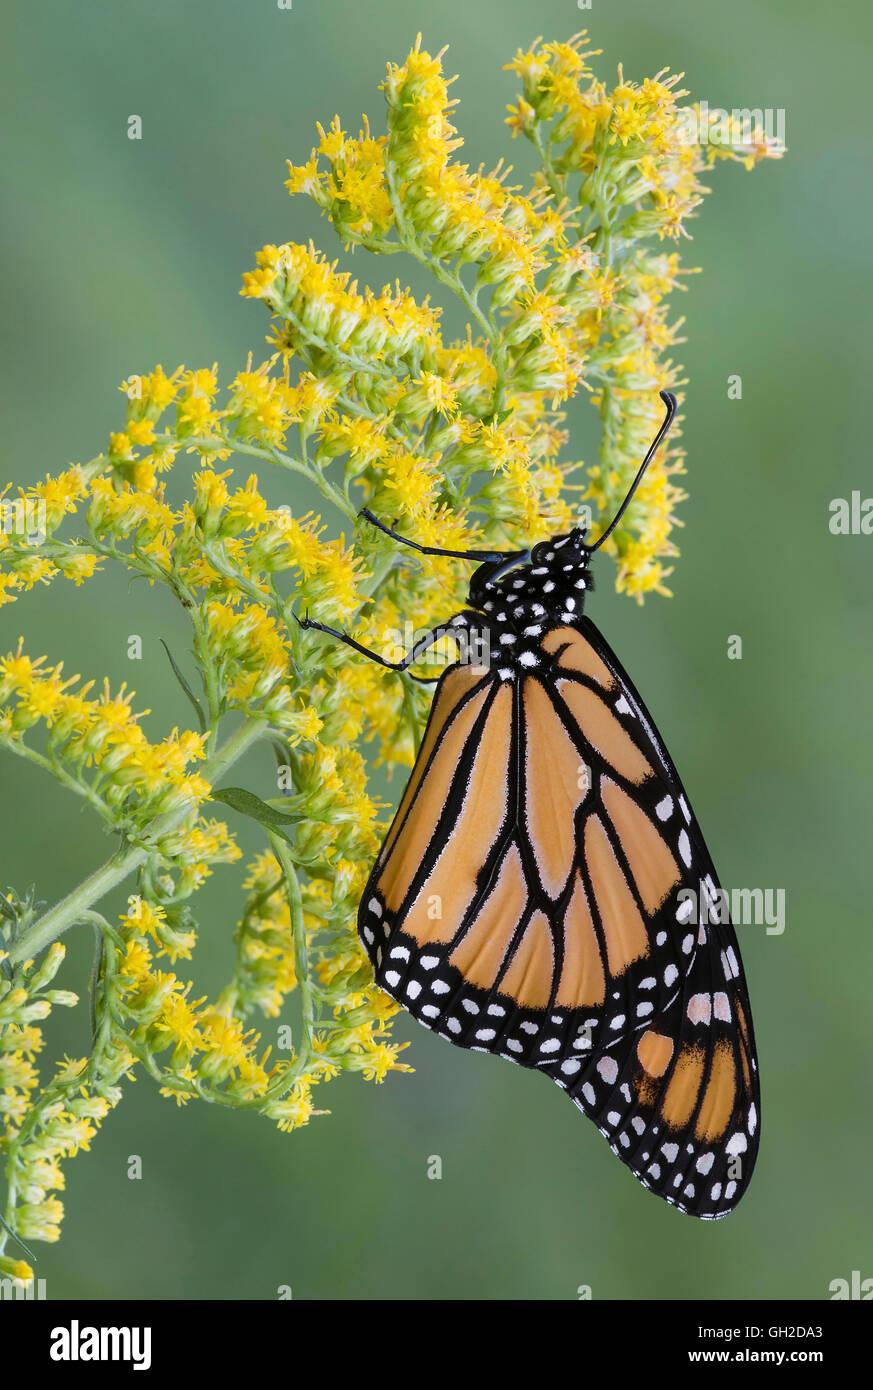 Le monarque (Danaus plexippus) sur Houghton (Solidago sp), la fin de l'été, début de l'automne, Photo Stock